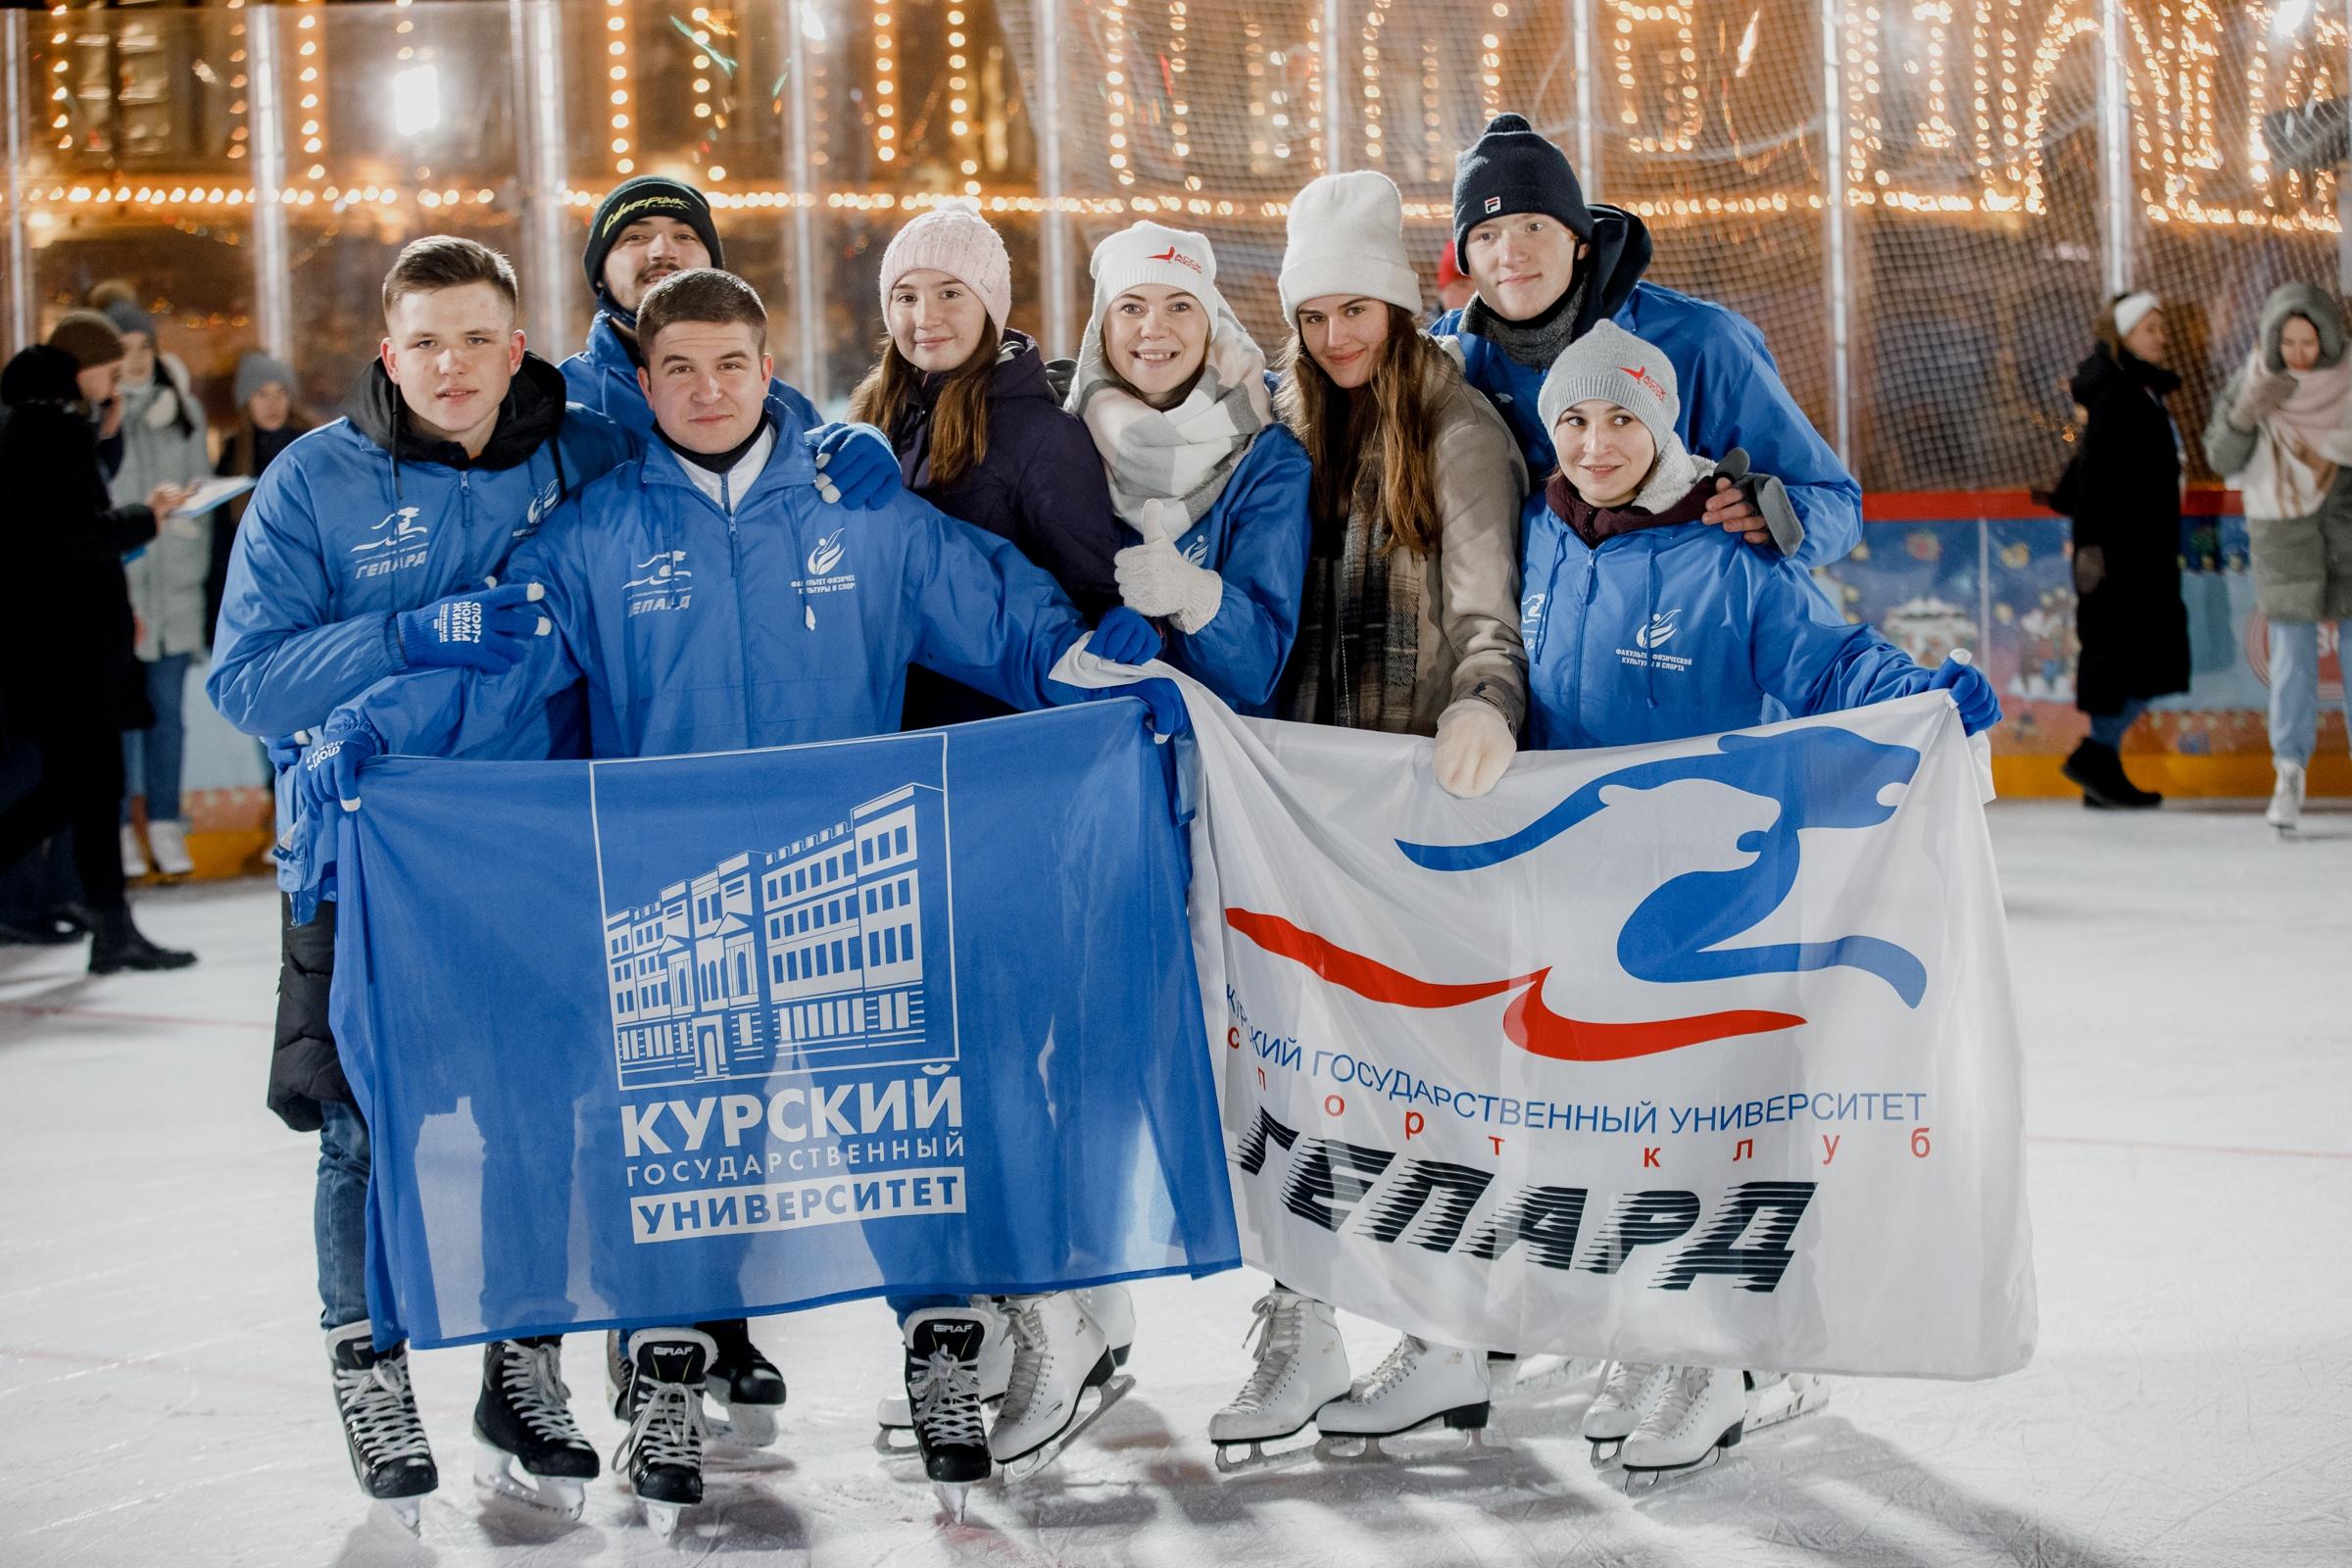 Самая спортивная и самая студенческая: как прошла спортивная студенческая ночь в регионах России, изображение №42